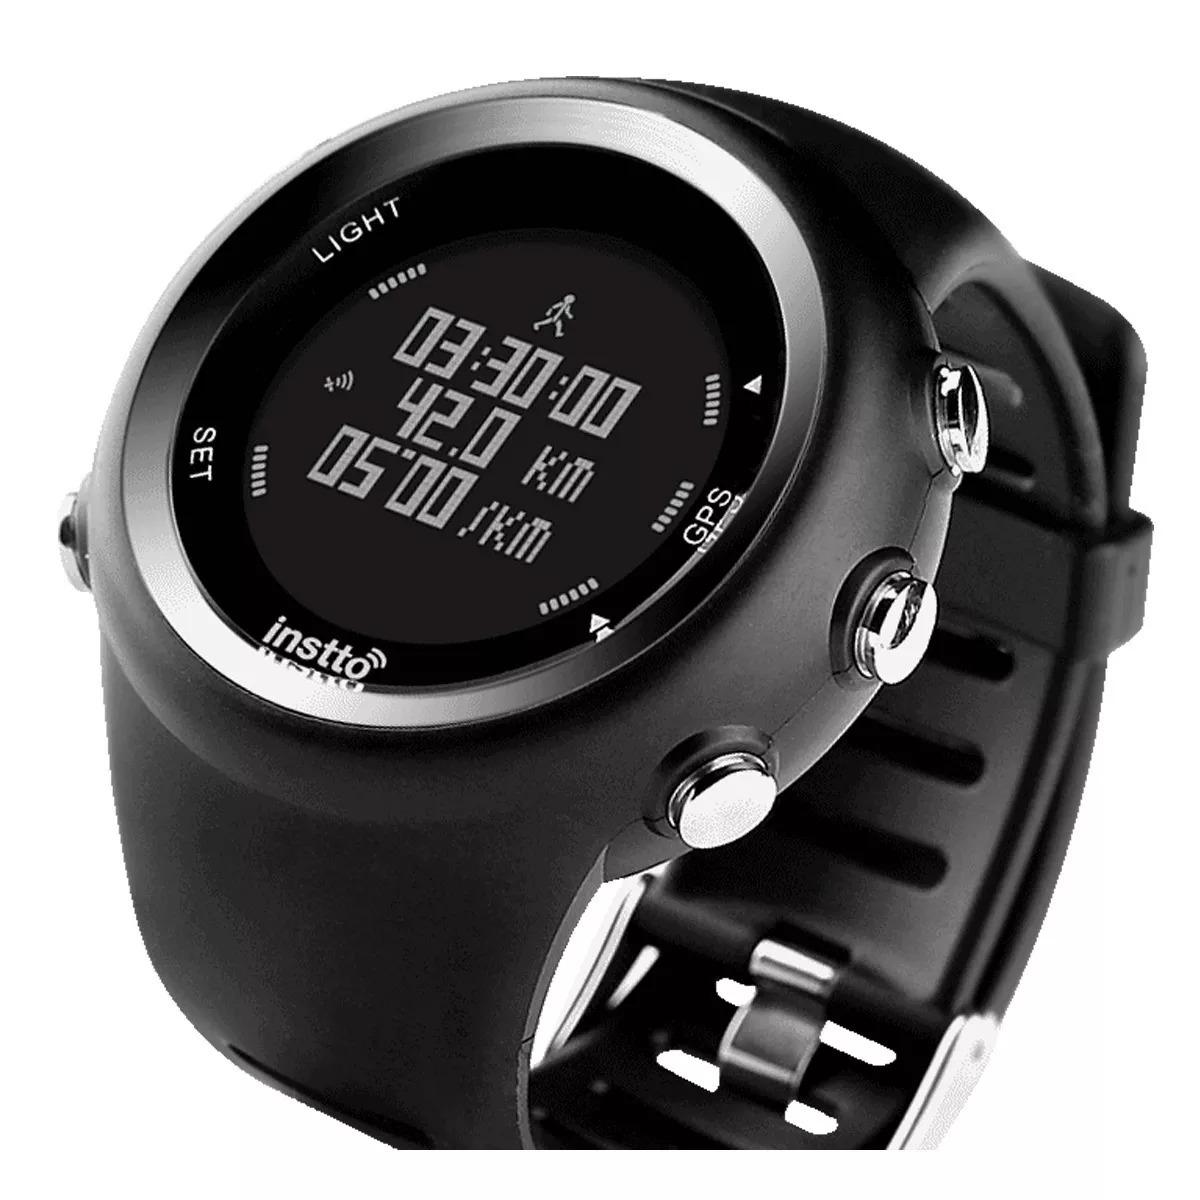 503b8837d Reloj Gps Instto Correr Sumergible Atletismo Natación Negro - $ 3.995,44 en  Mercado Libre